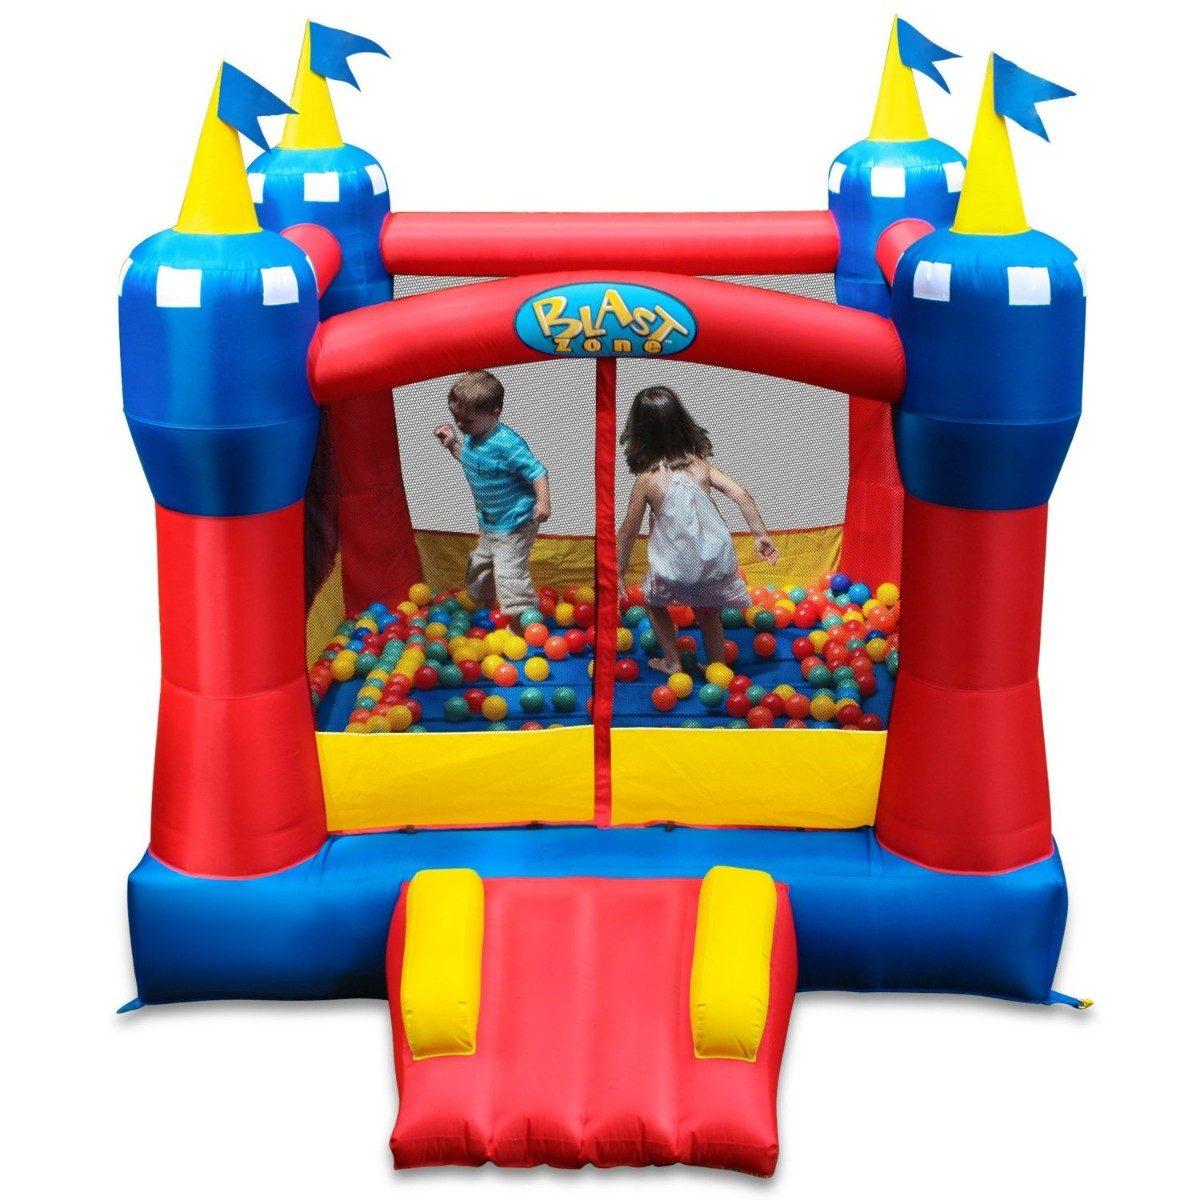 Brinca brinca brincolin inflable castillo ni os juego omm for Precios de piscinas inflables para ninos